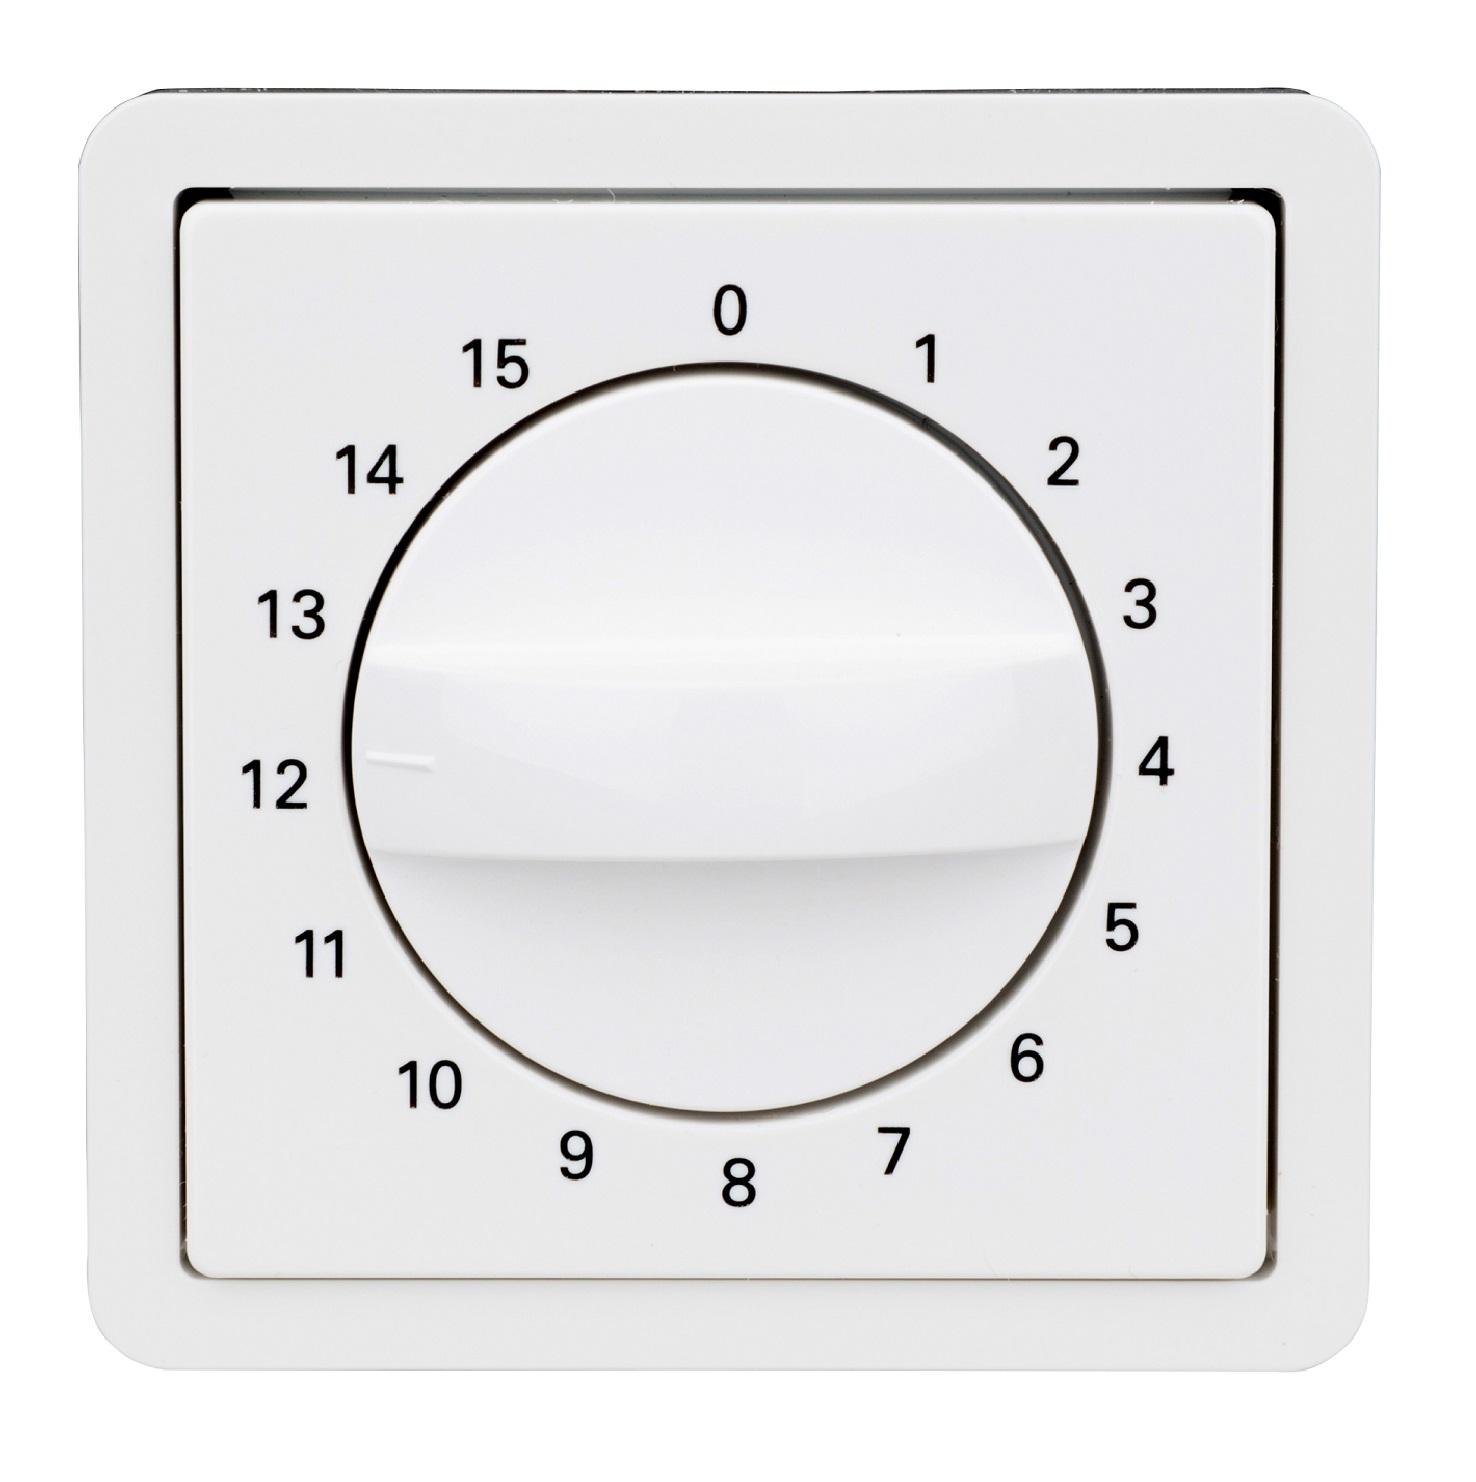 1 Stk Zentralplatte für Zeitschalter 15min, reinweiß EL223084--